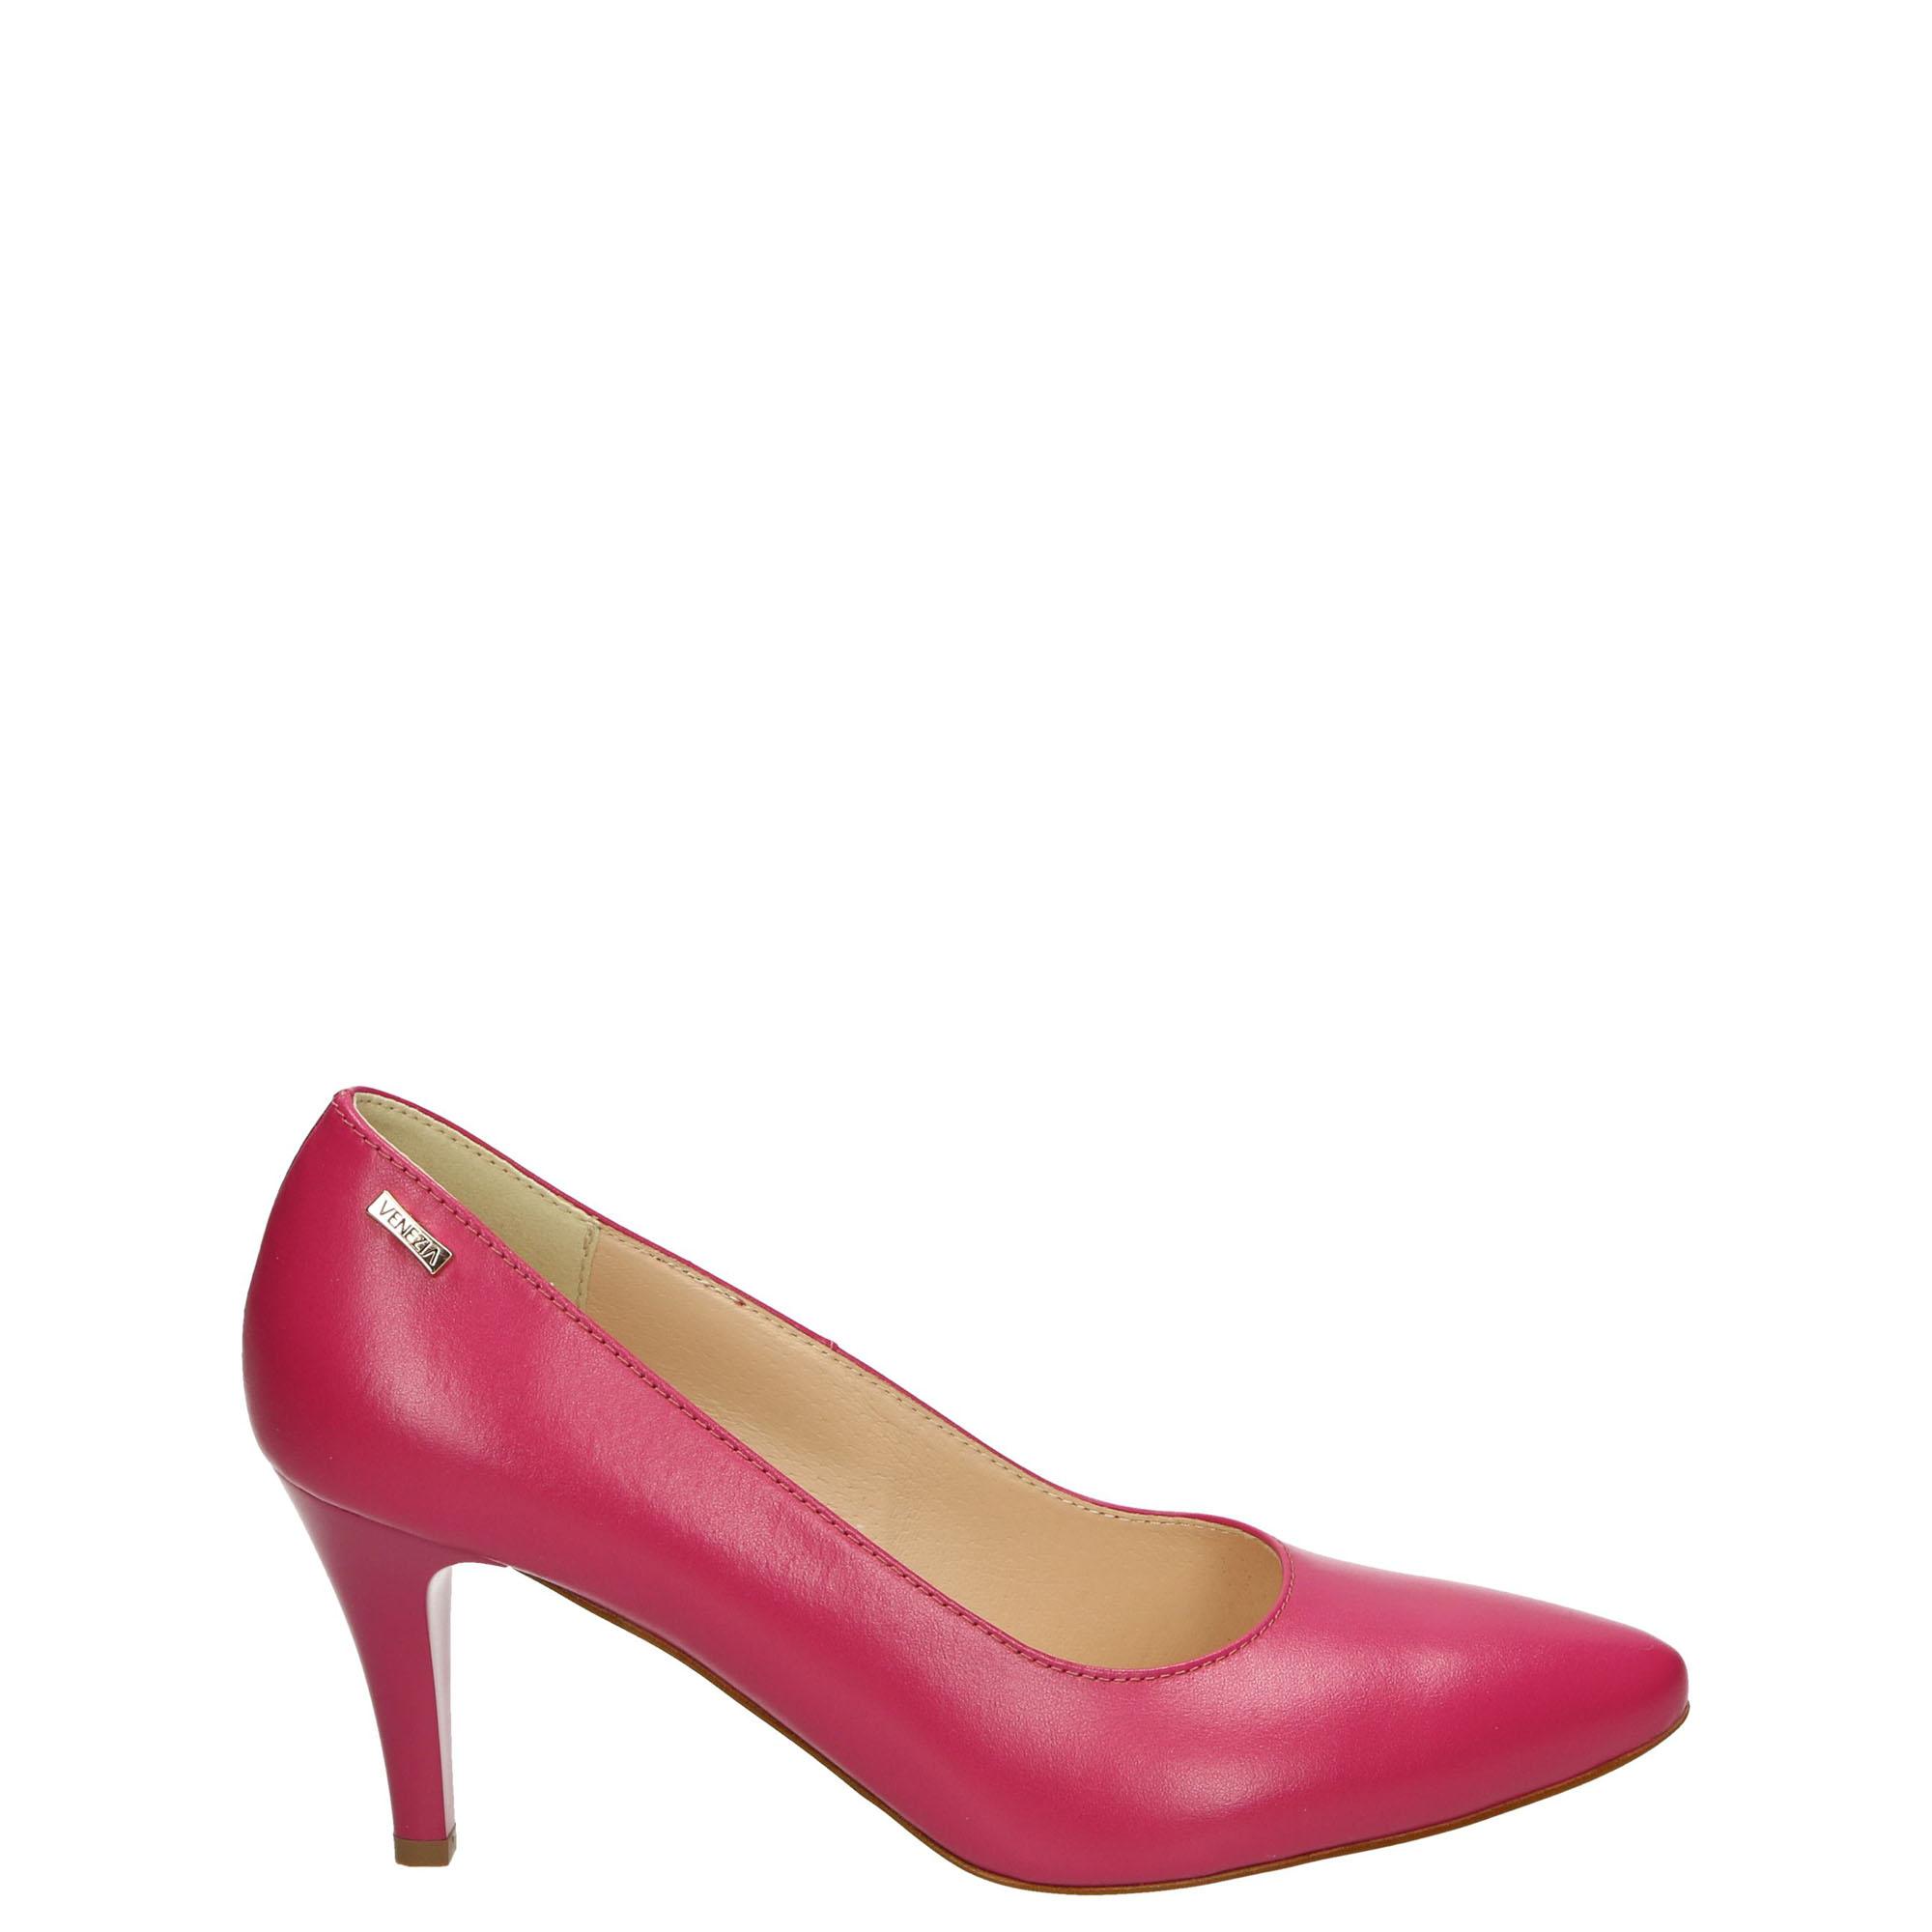 a2c6eb72 czółenka, buty - kolekcja wiosenna venezia czółenka - 23029 cap fux -  venezia